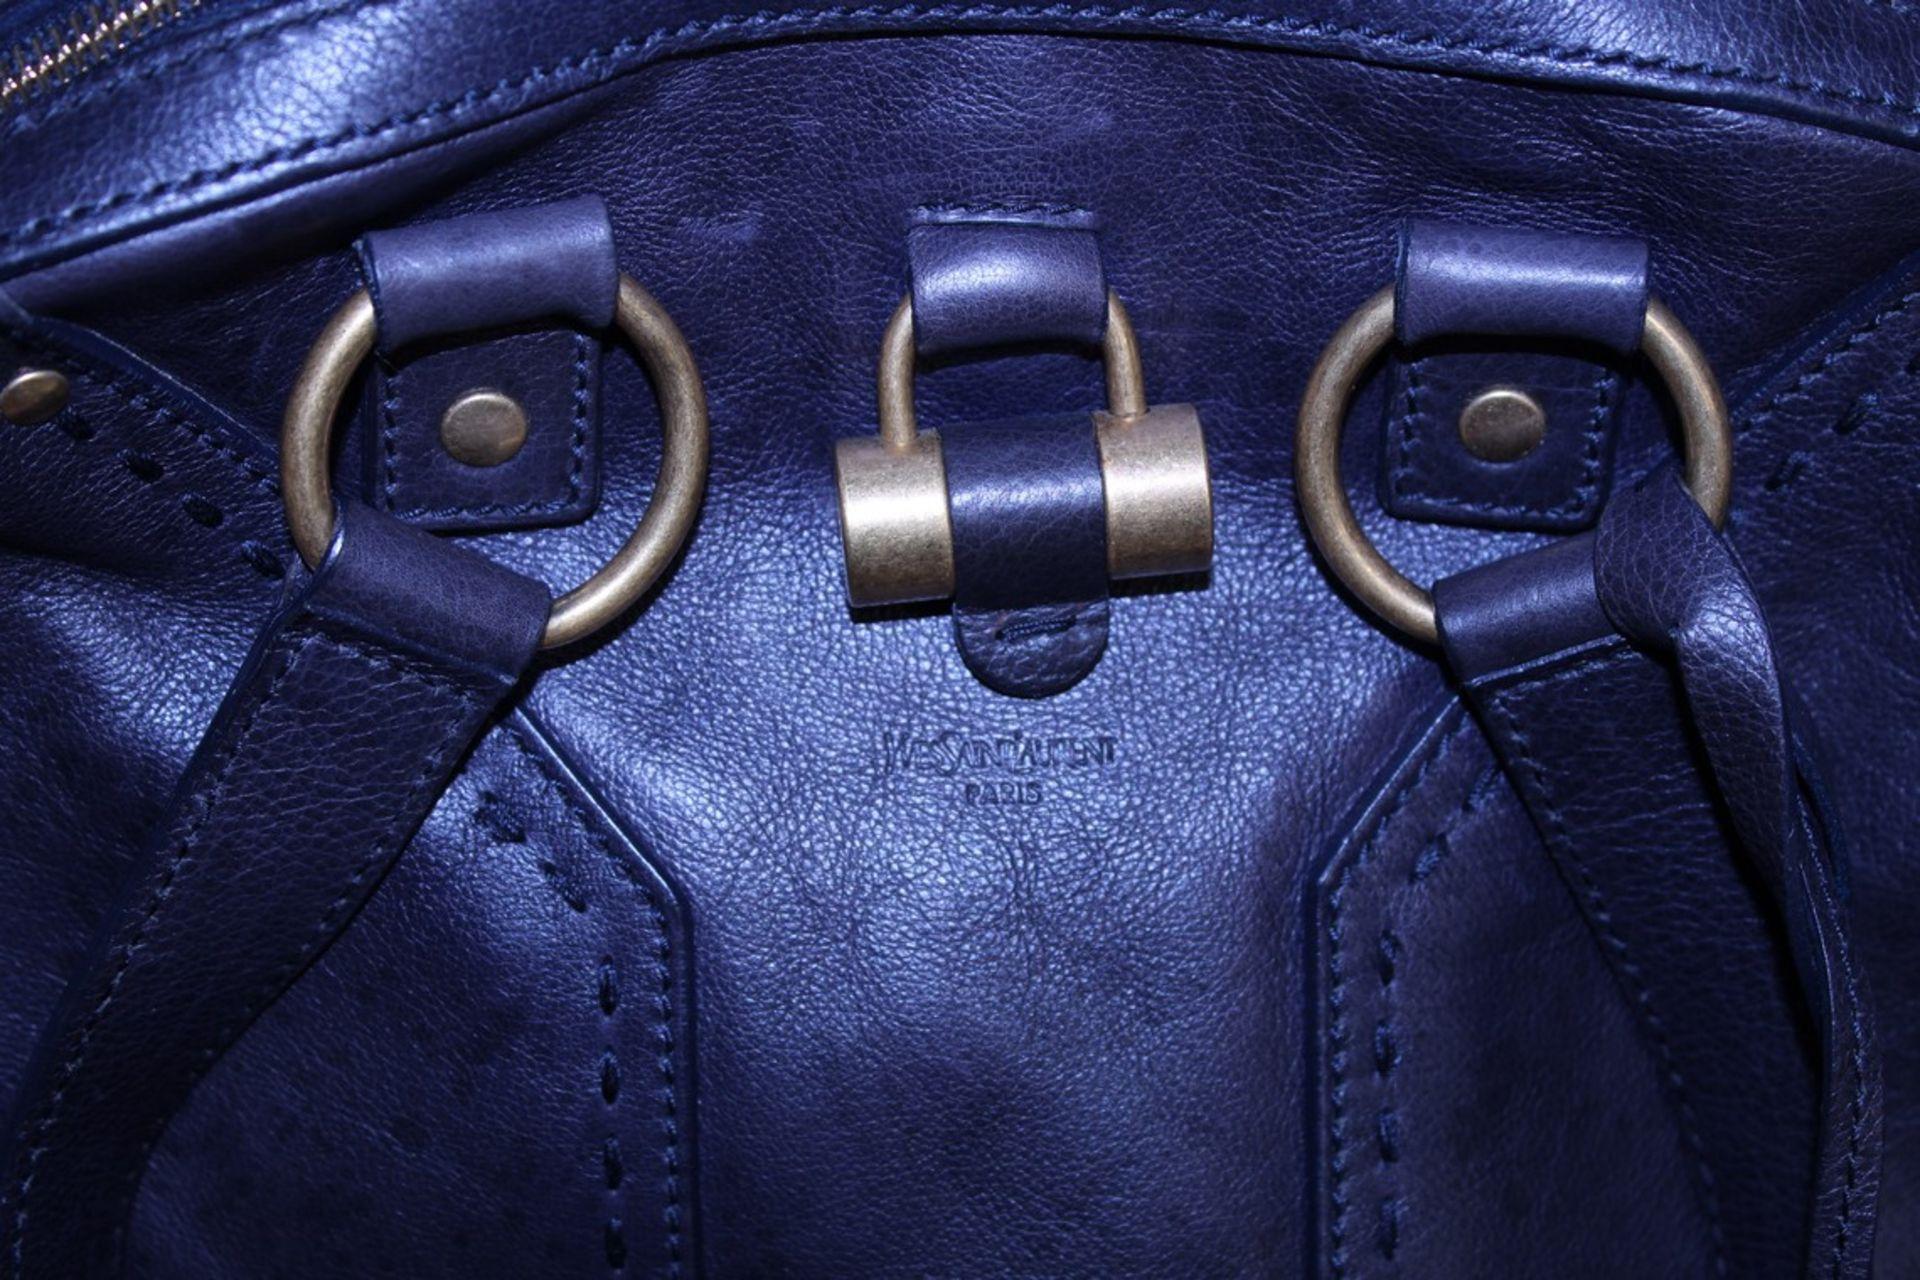 RRP £1,000 Yves St-Lauren Muse 1 Shoulder Bag, Indigo Small Grained Calf Leather Shoulder Bag, ( - Image 3 of 3